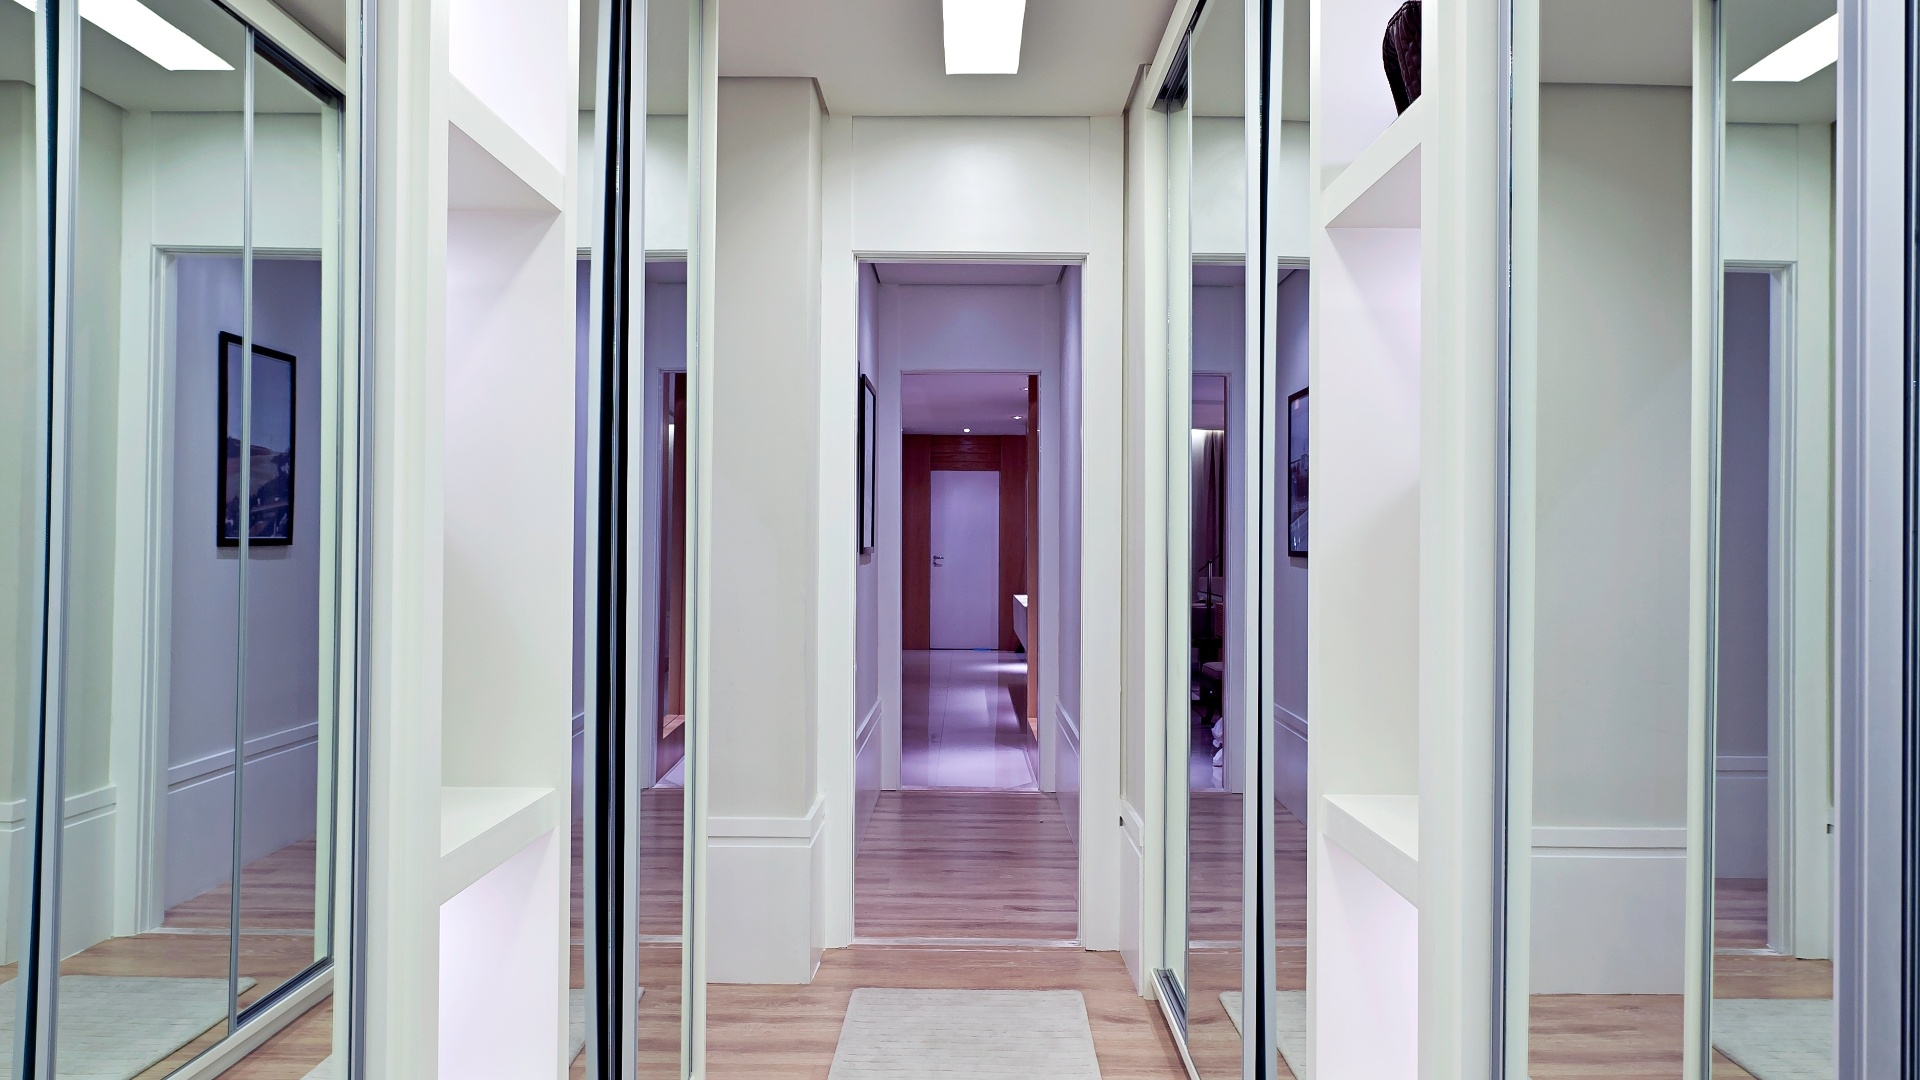 closet com 12 m² está instalado na passagem para a suíte e conta  #261A2A 1920 1080